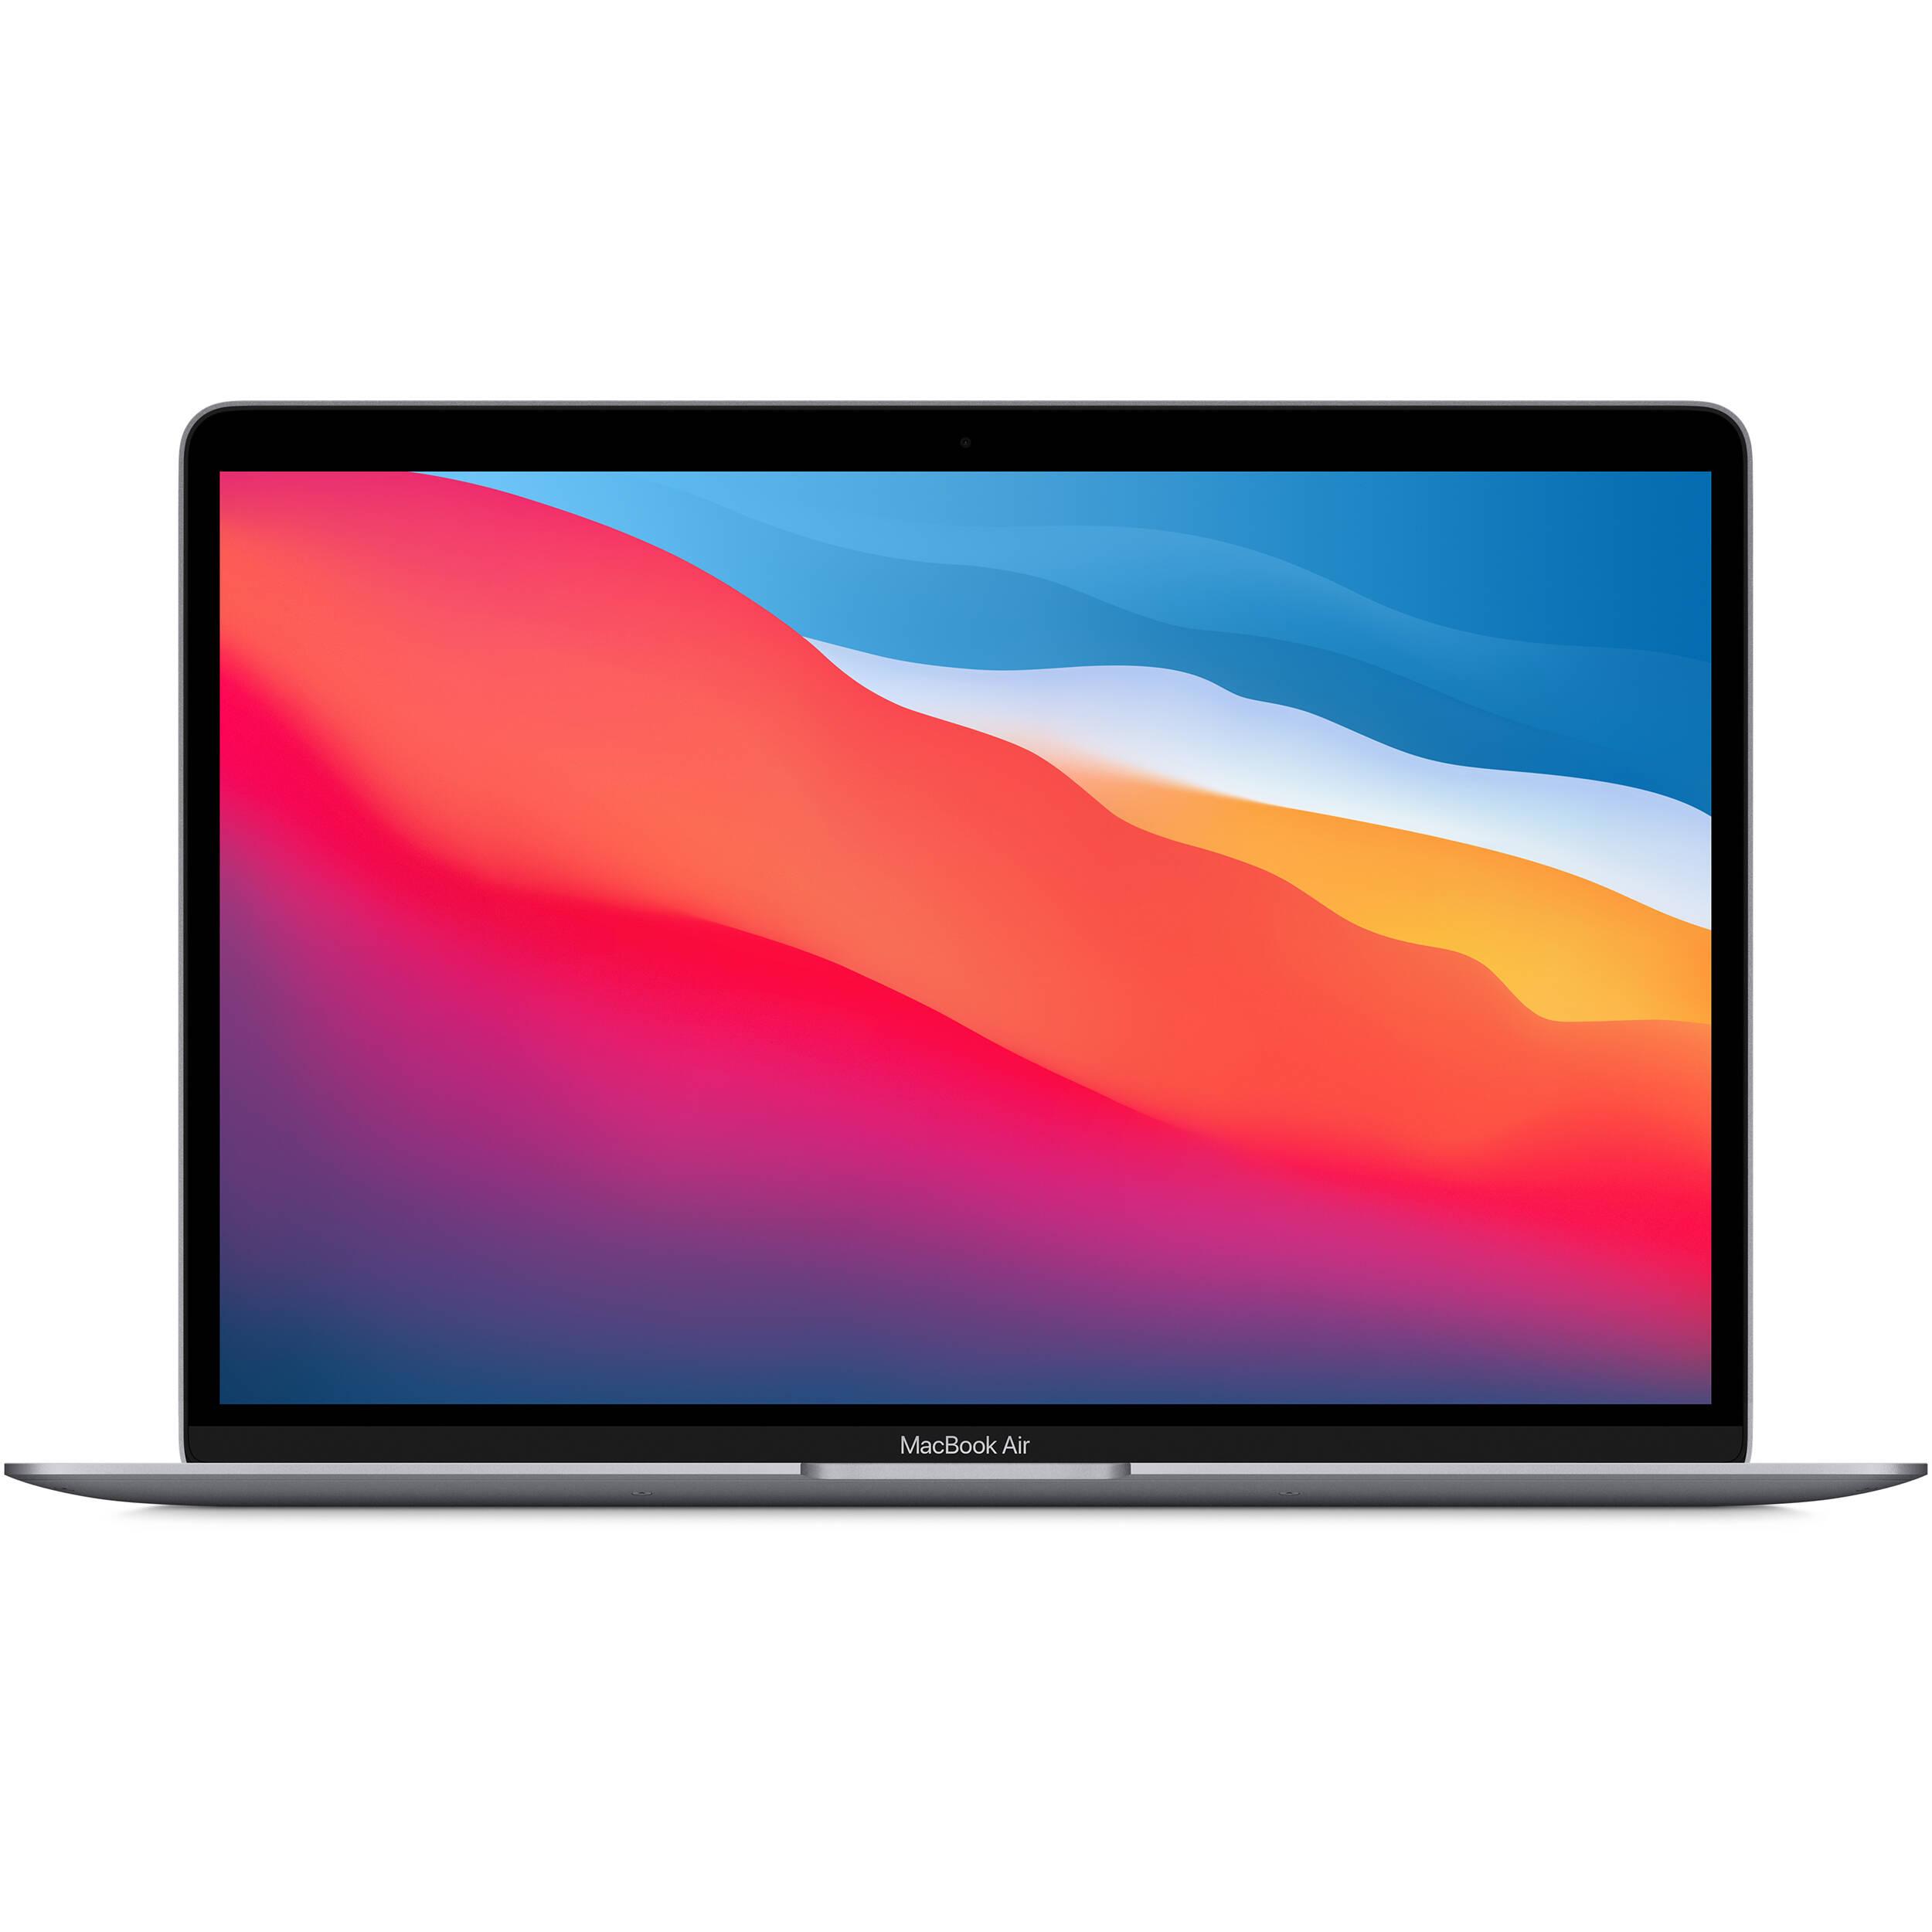 فروش نقدی و اقساطی لپ تاپ اپل MacBook Air 13 (2020)-MGN73